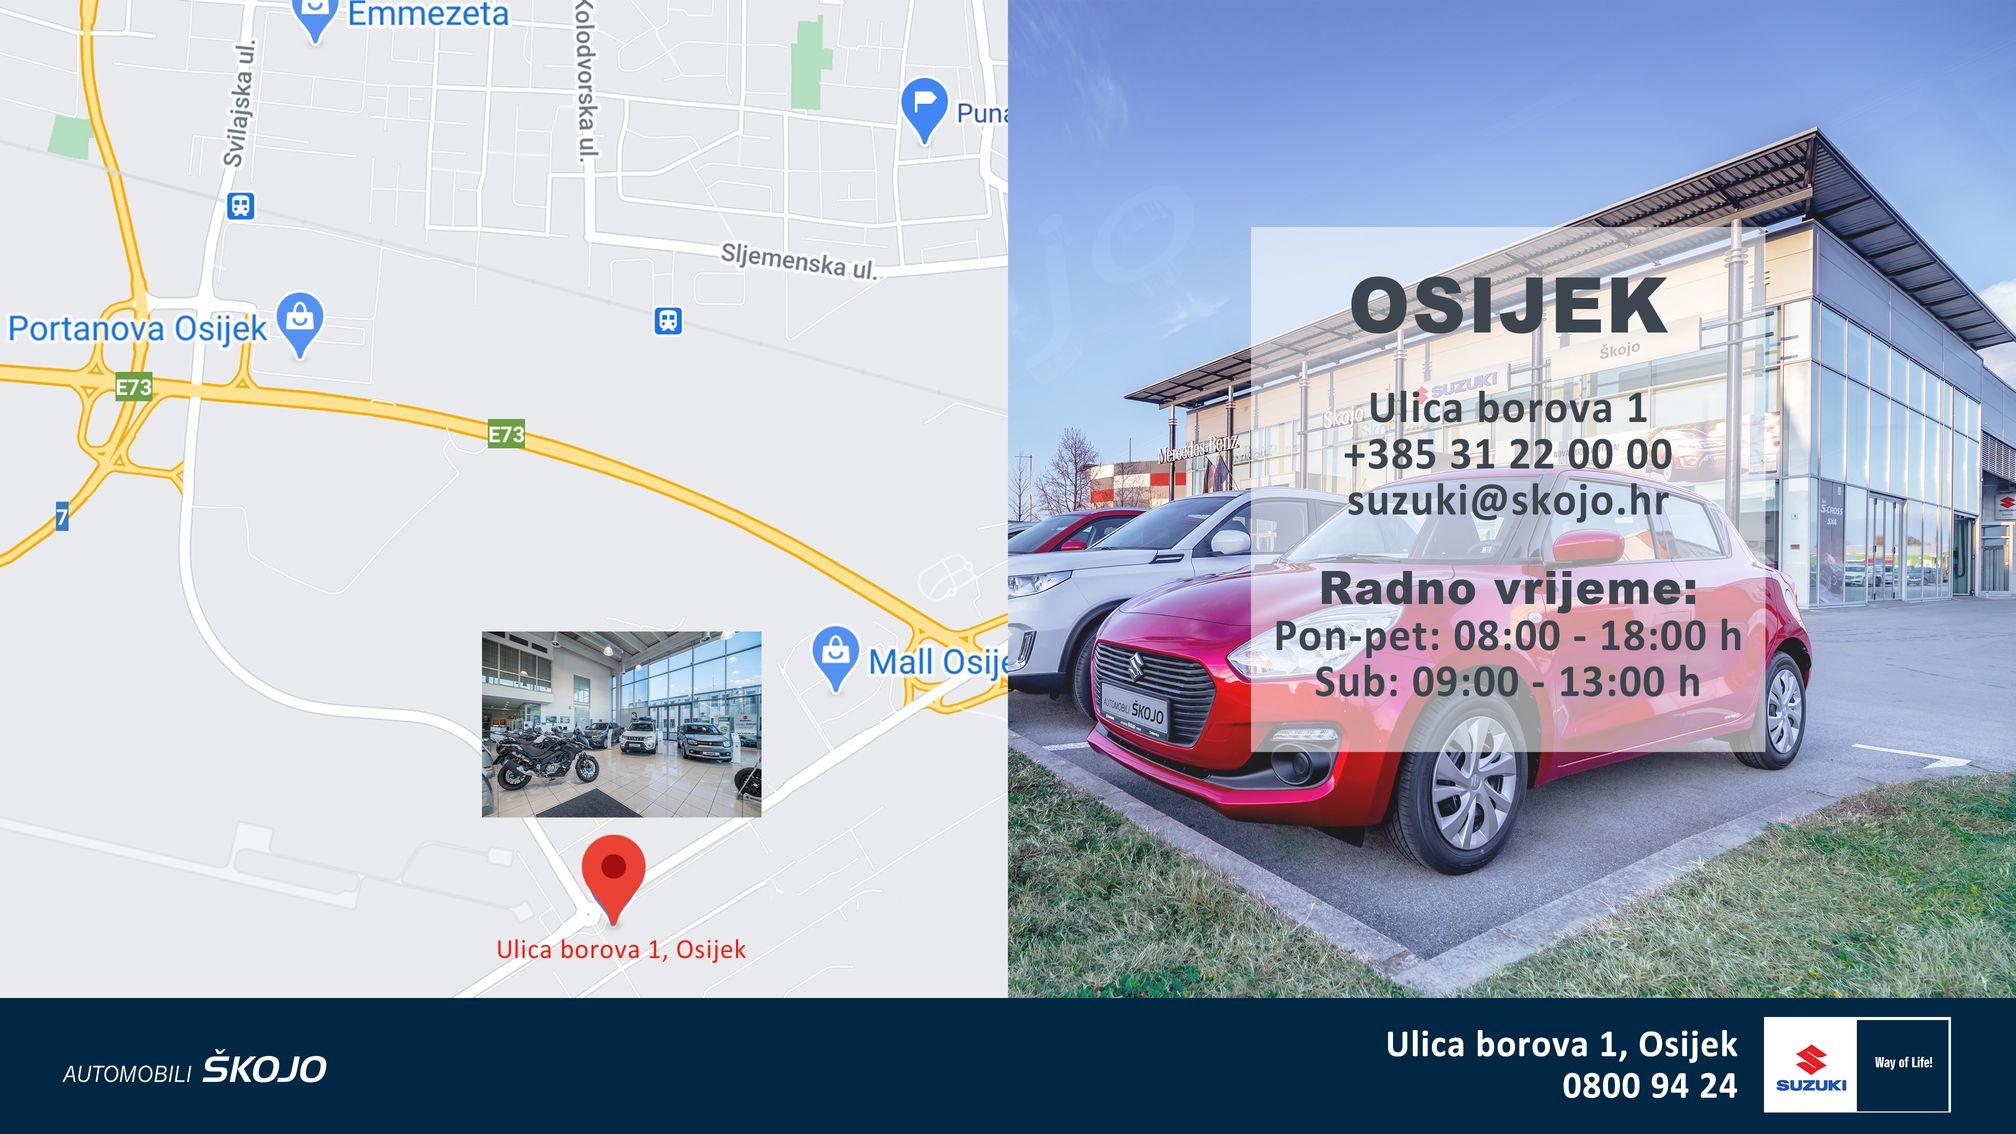 2. Suzuki_lokacija